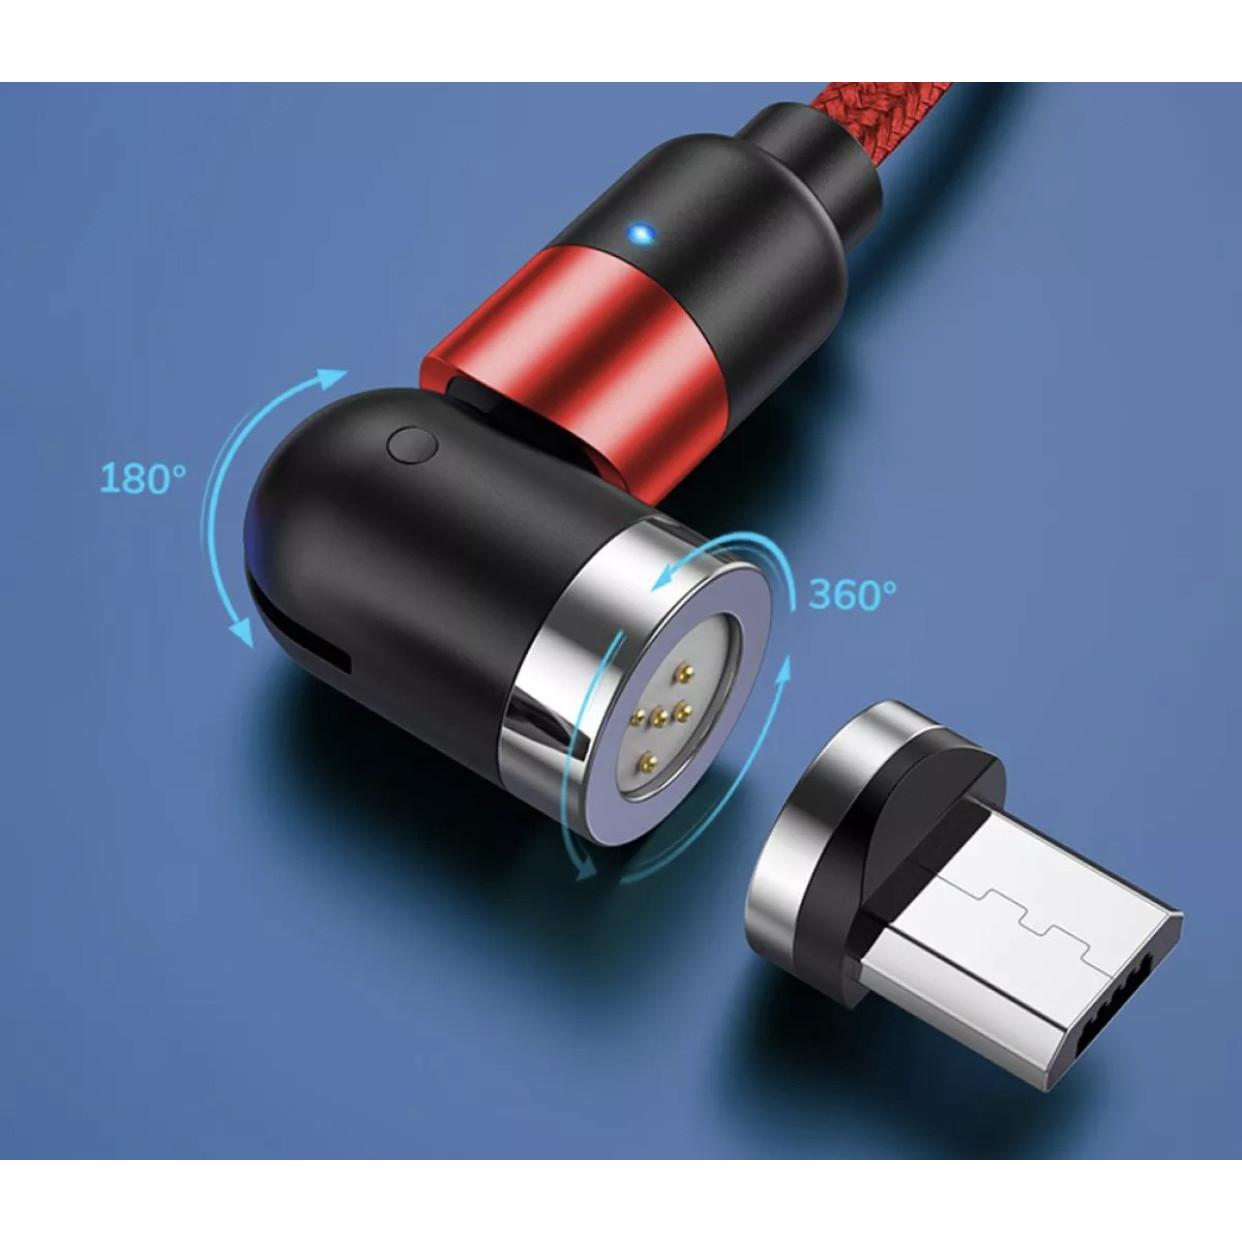 Cáp sạc từ TOPK AM66 USB to Micro Cáp Sạc Nhanh Cáp Dữ Liệu Cáp Sạc Nylon Dành Cho iPhone 11 Xiaomi HUAWEI OPPO Vivo - Hàng chính hãng